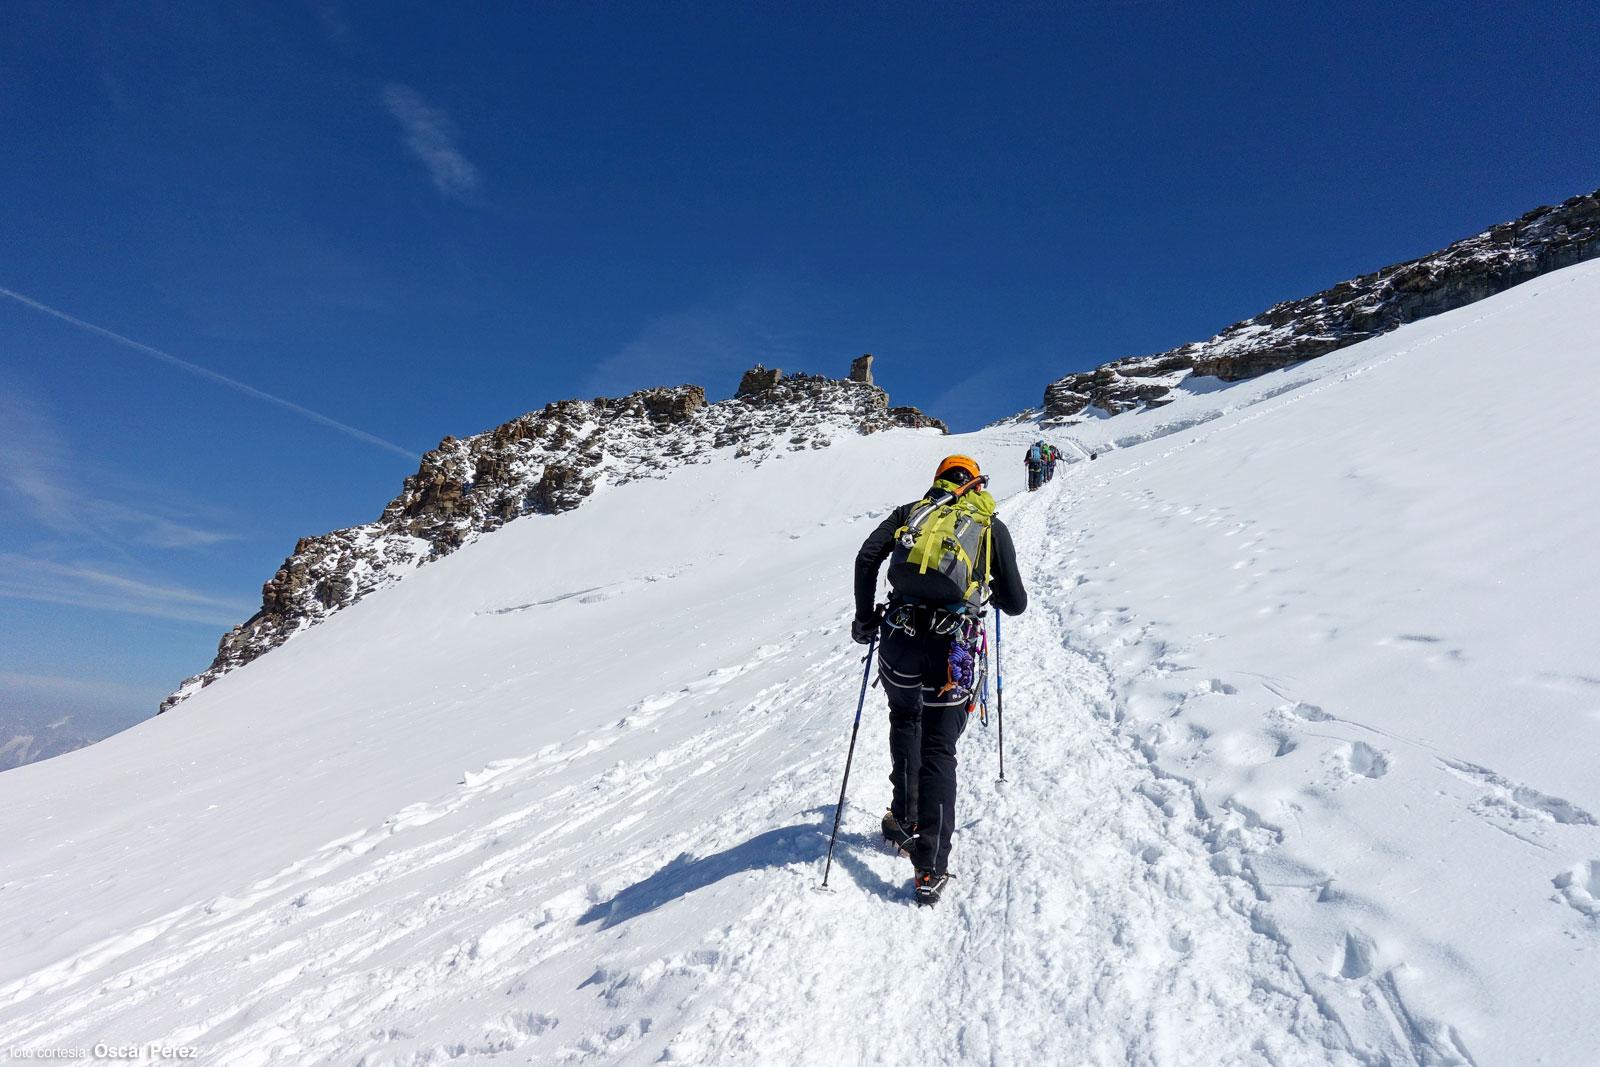 Última rampa de nieve antes de la cumbre del Gran Paradiso